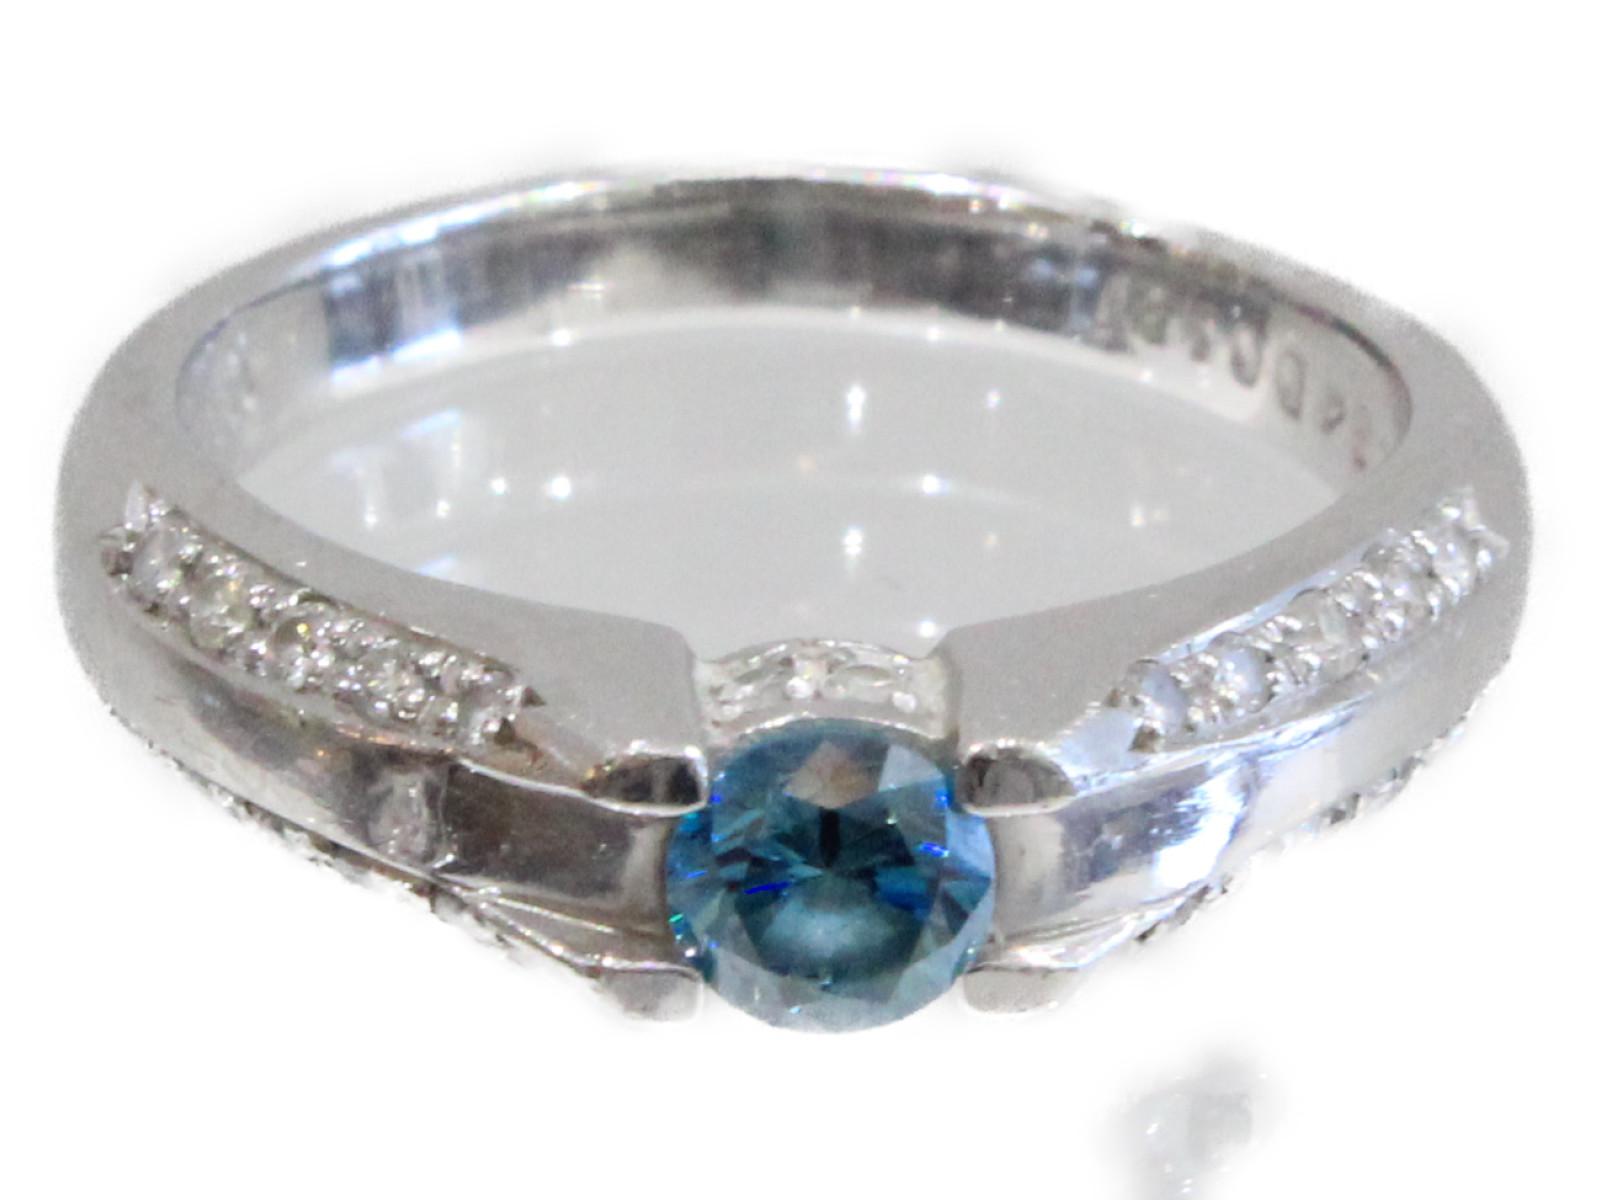 【鑑別書あり】Pt900 ブルーダイヤモンドリング   プラチナ Pt900 5.9gレディース メンズ ウィメンズ シンプル プレゼント かわいい 指輪【中古】